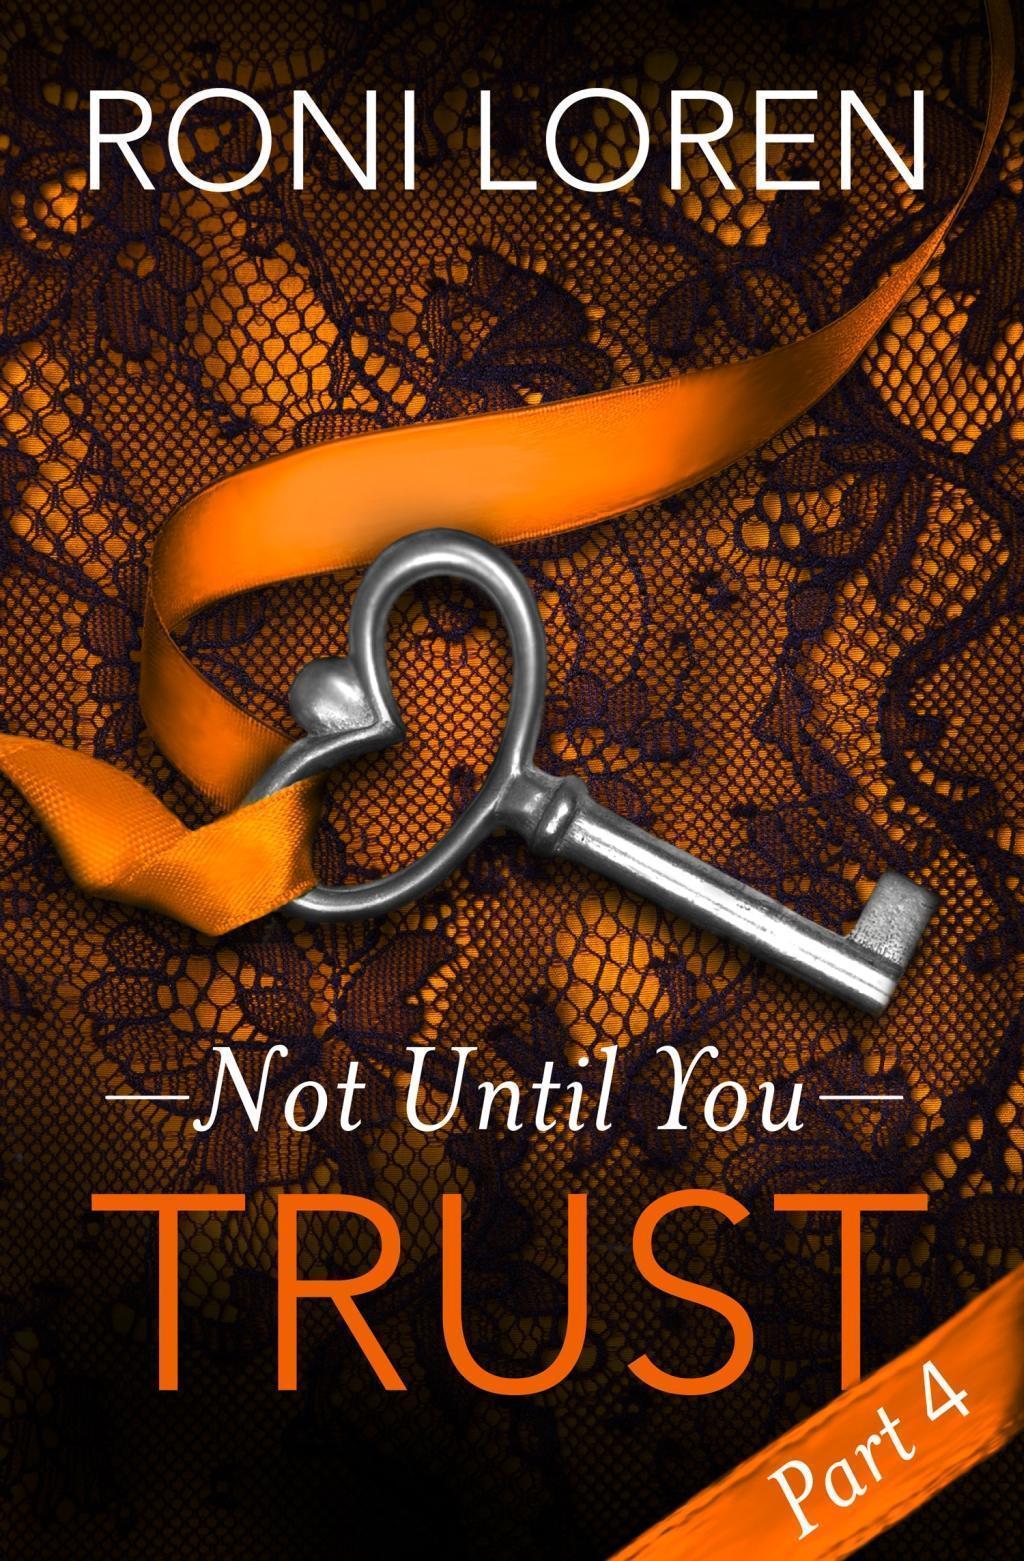 Trust: Not Until You, Part 4